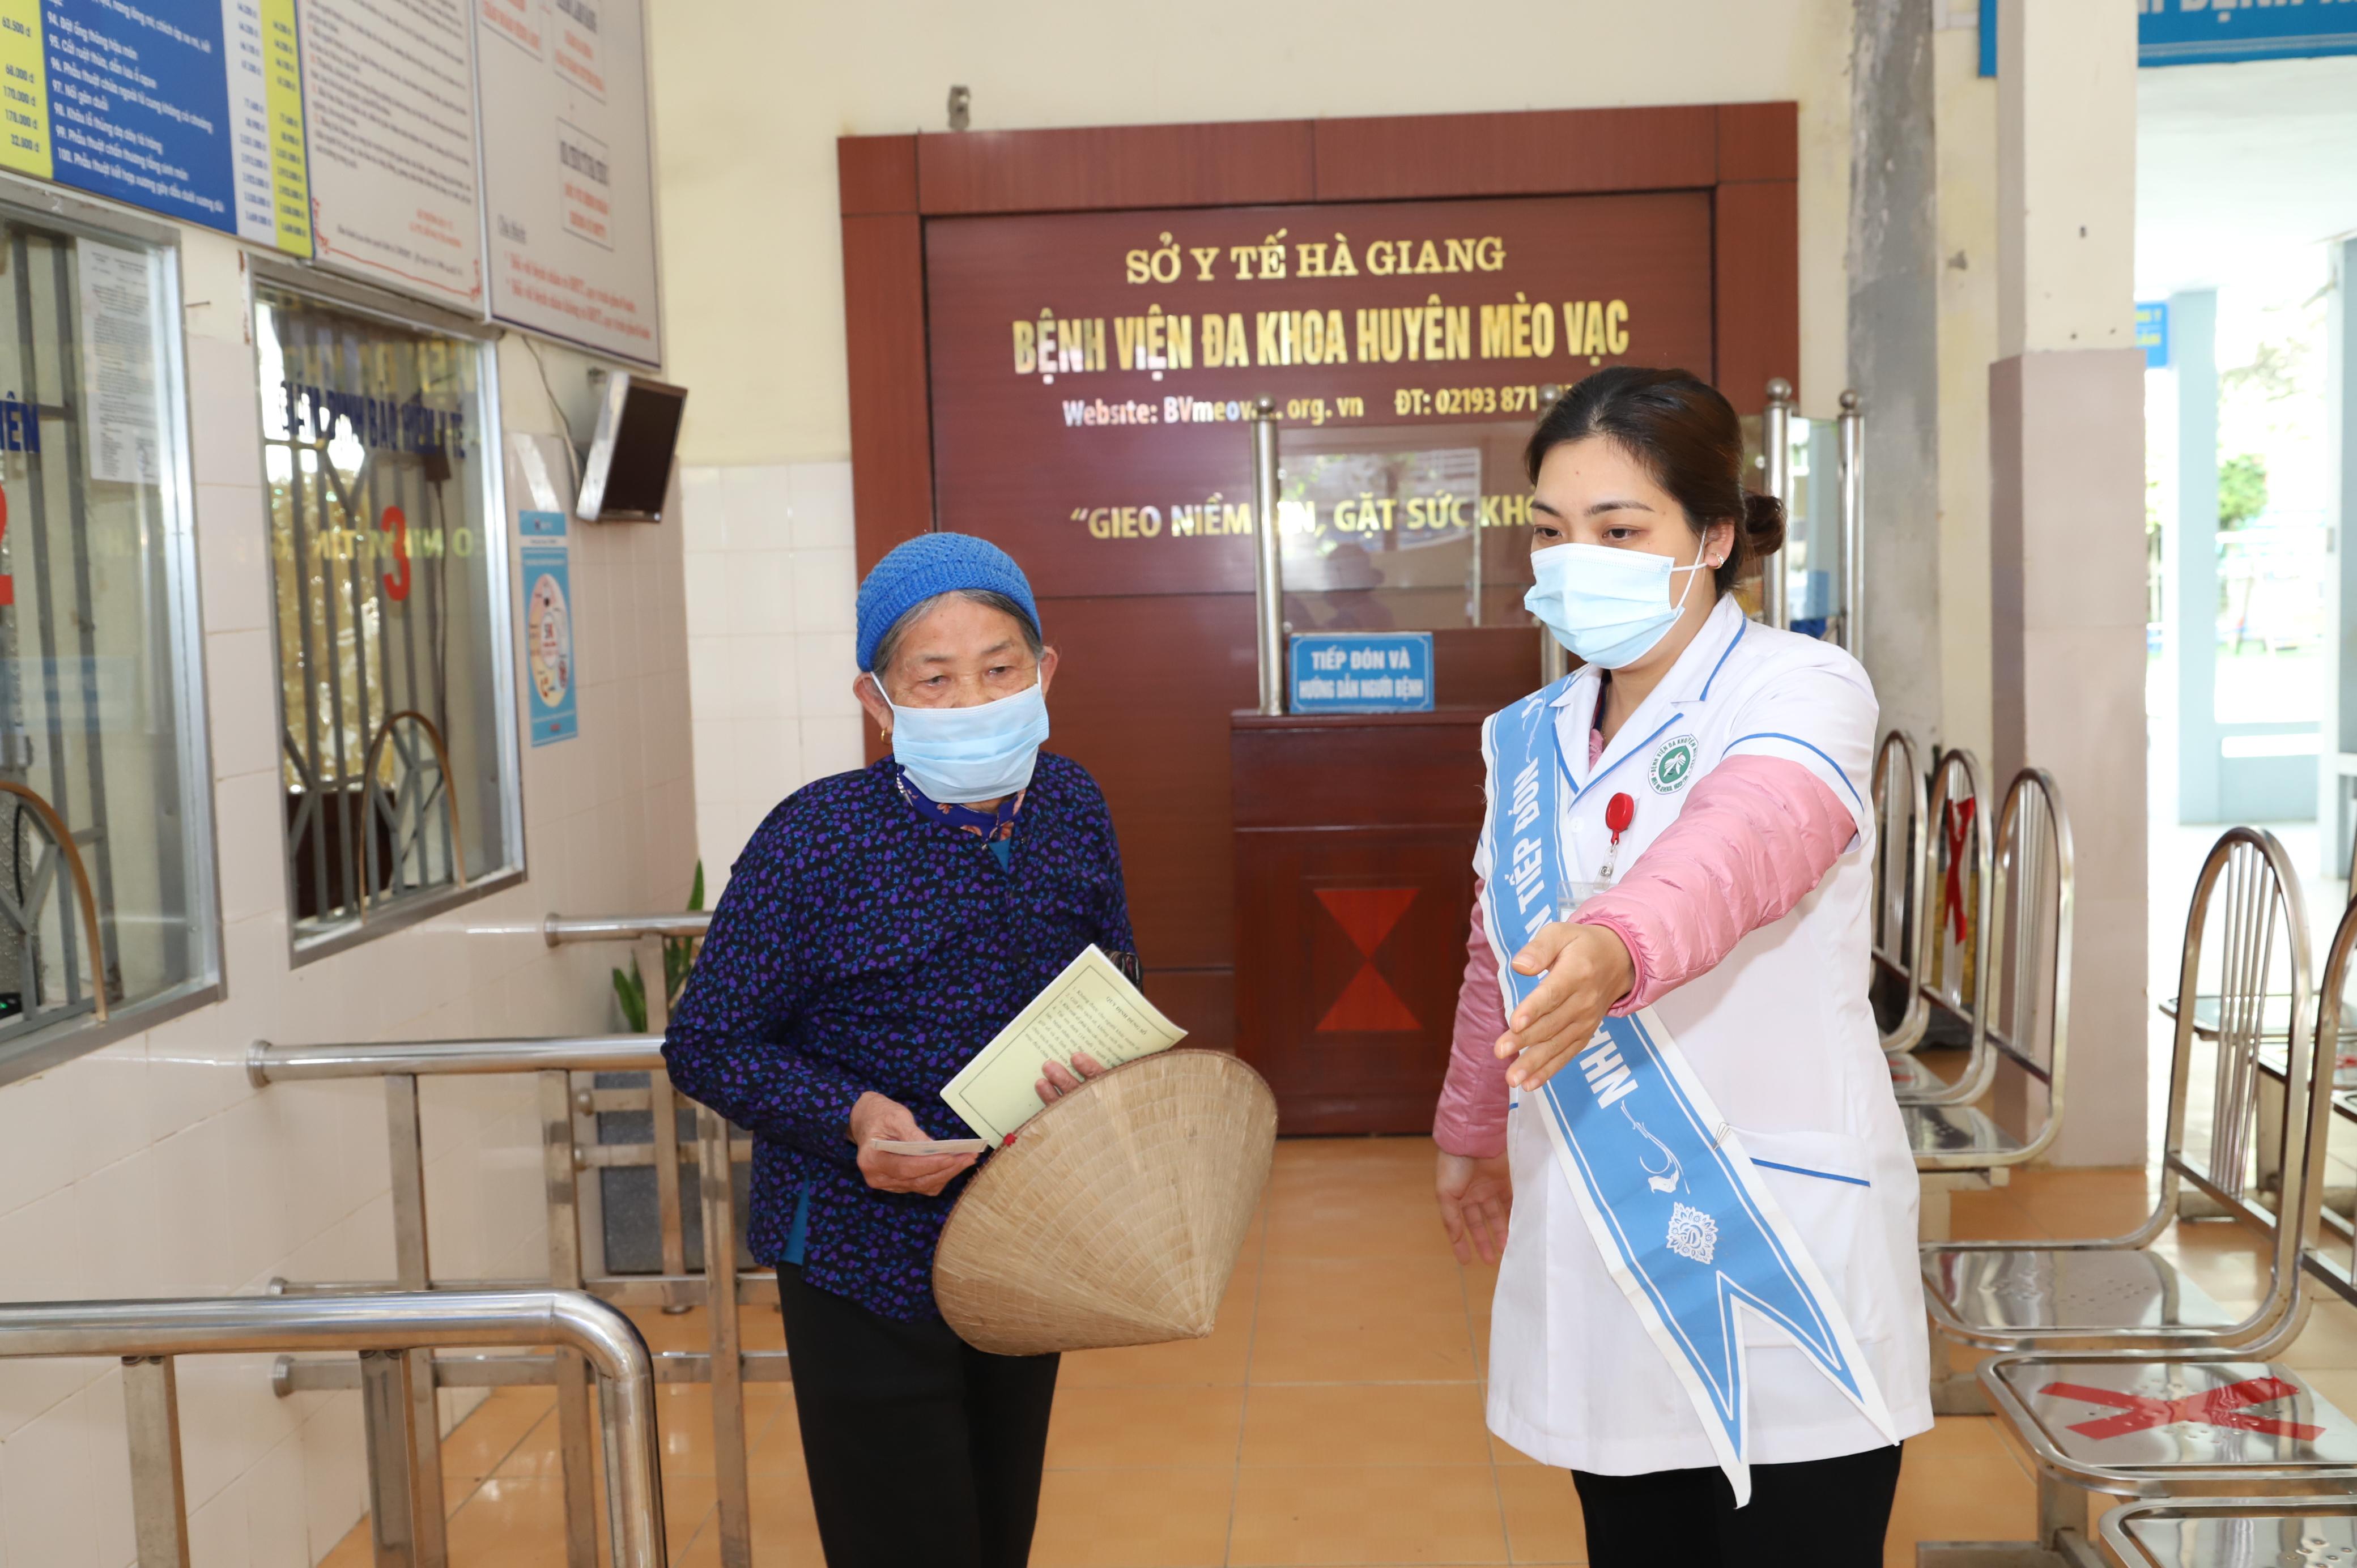 Bệnh viện đa khoa huyện Mèo Vạc tích cực phòng chống dịch COVID-19